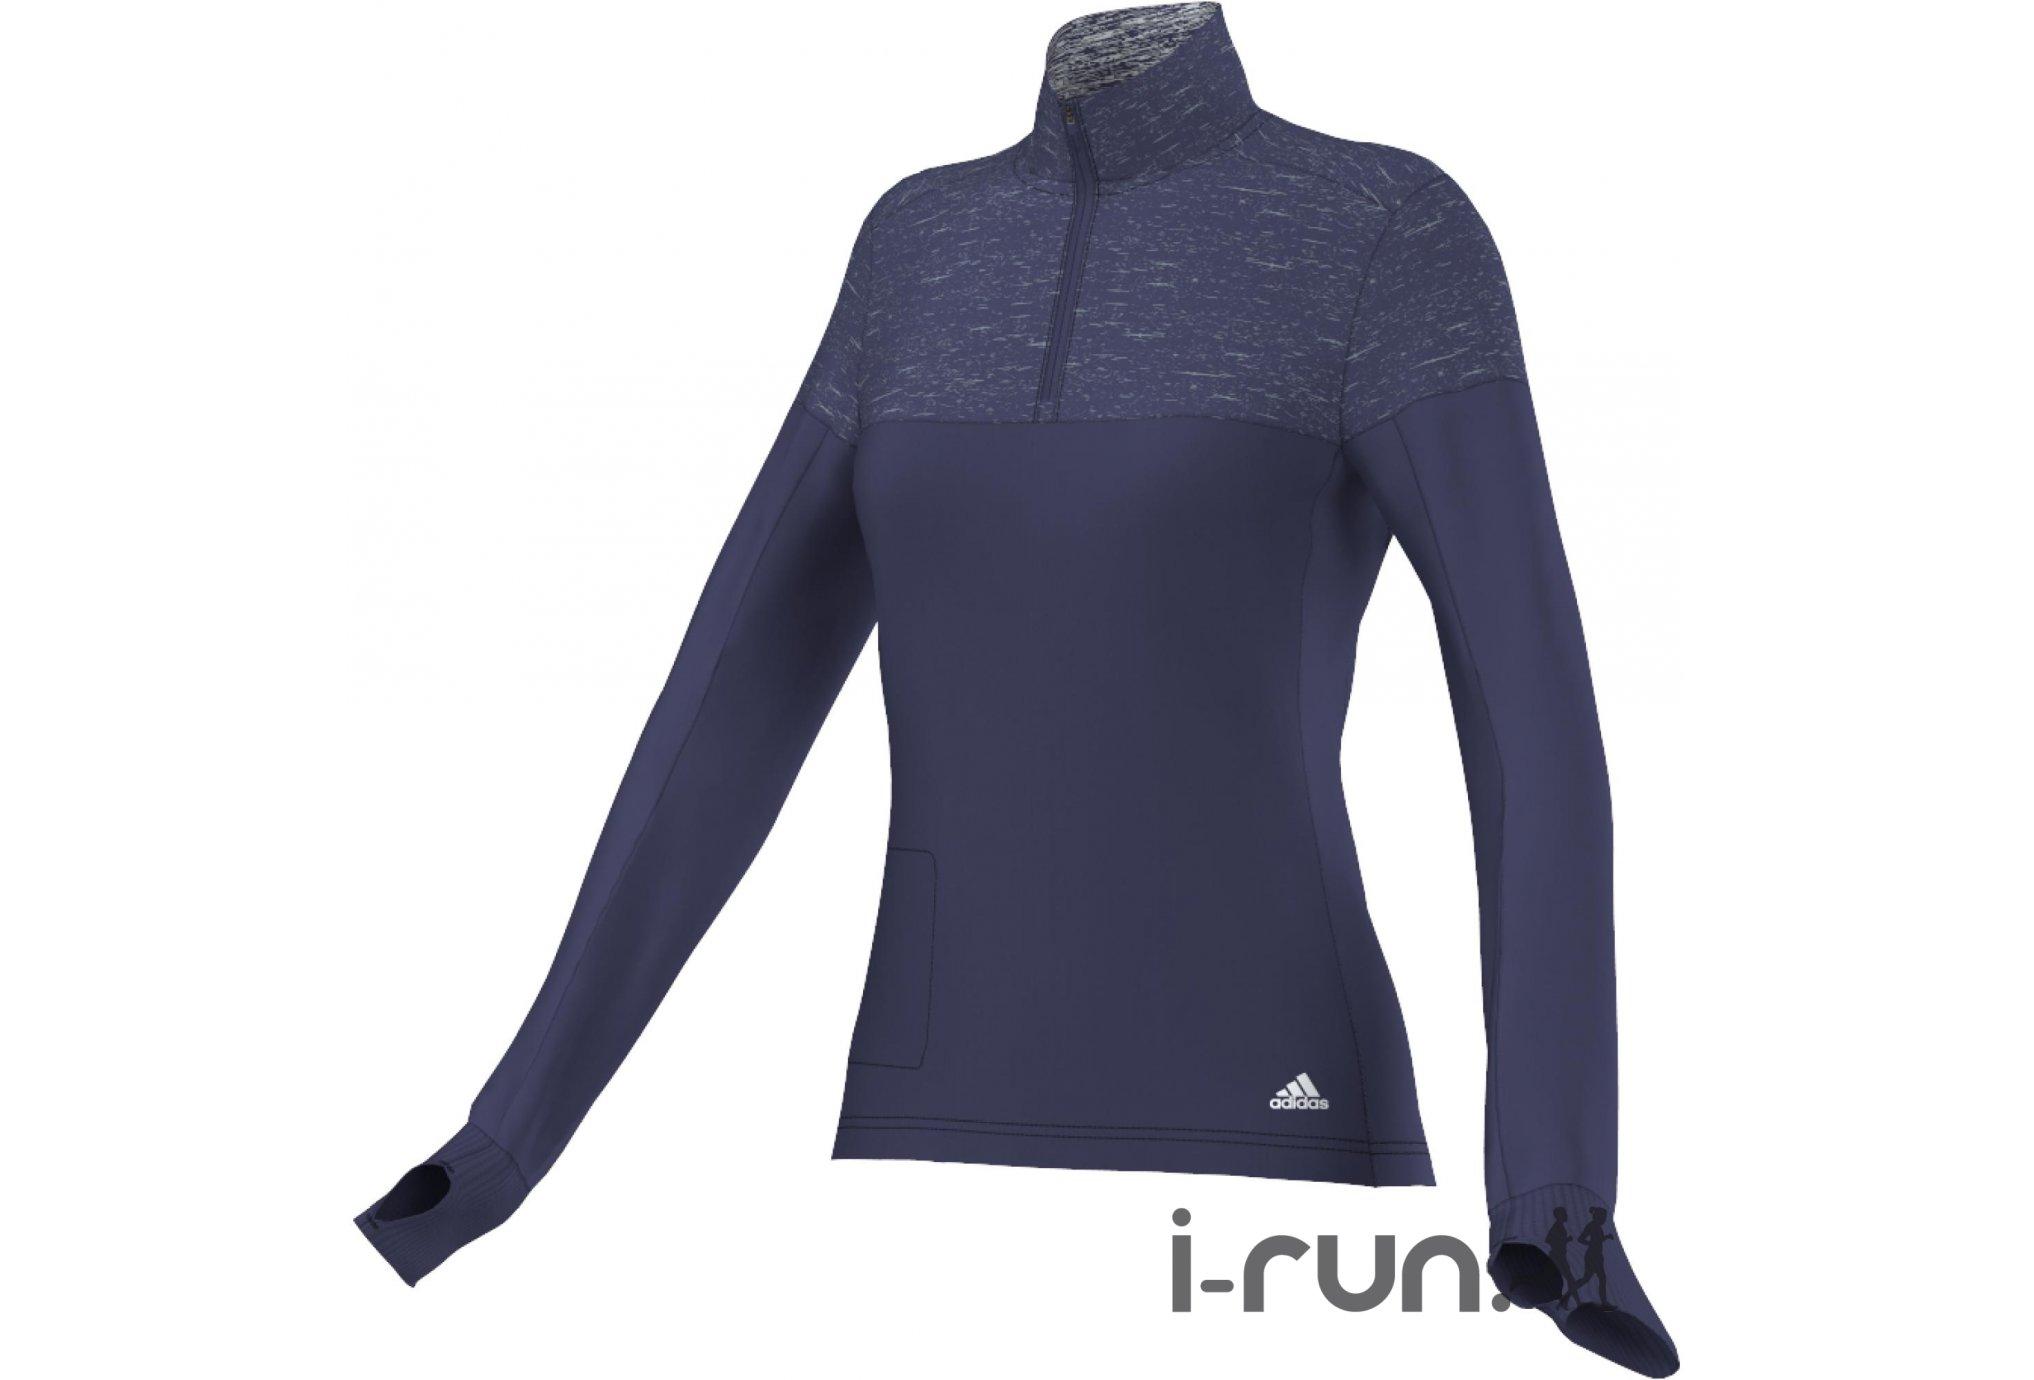 Adidas Maillot supernova storm 1/2 zip w vêtement running femme